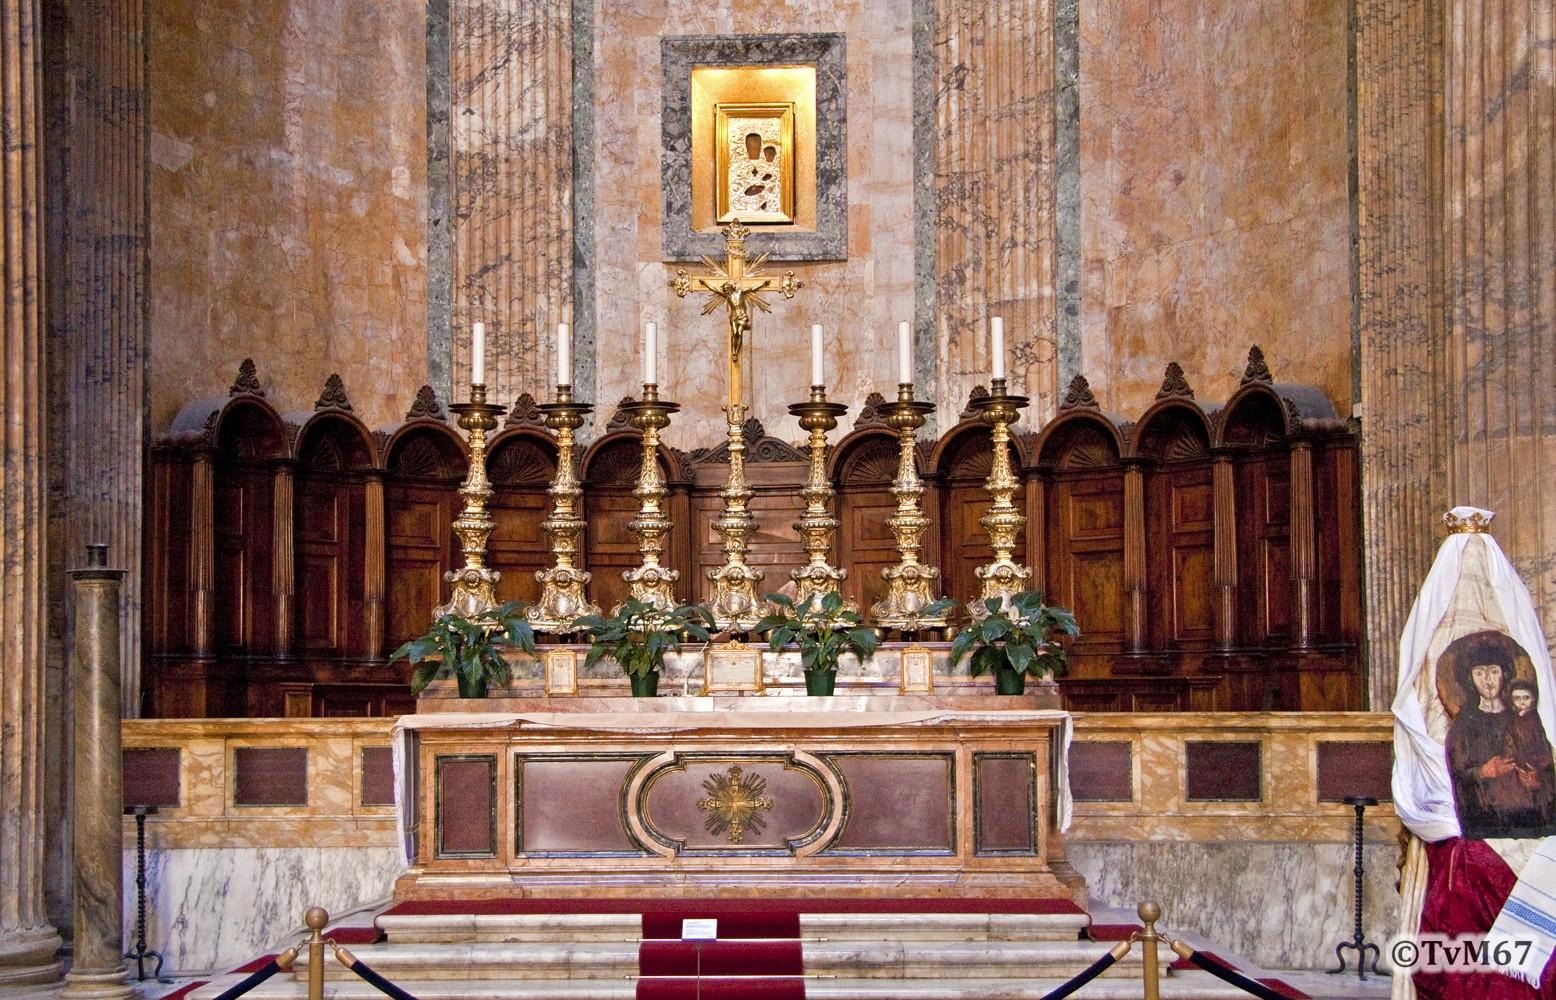 Roma, Pantheon, Altaar 2, 2009